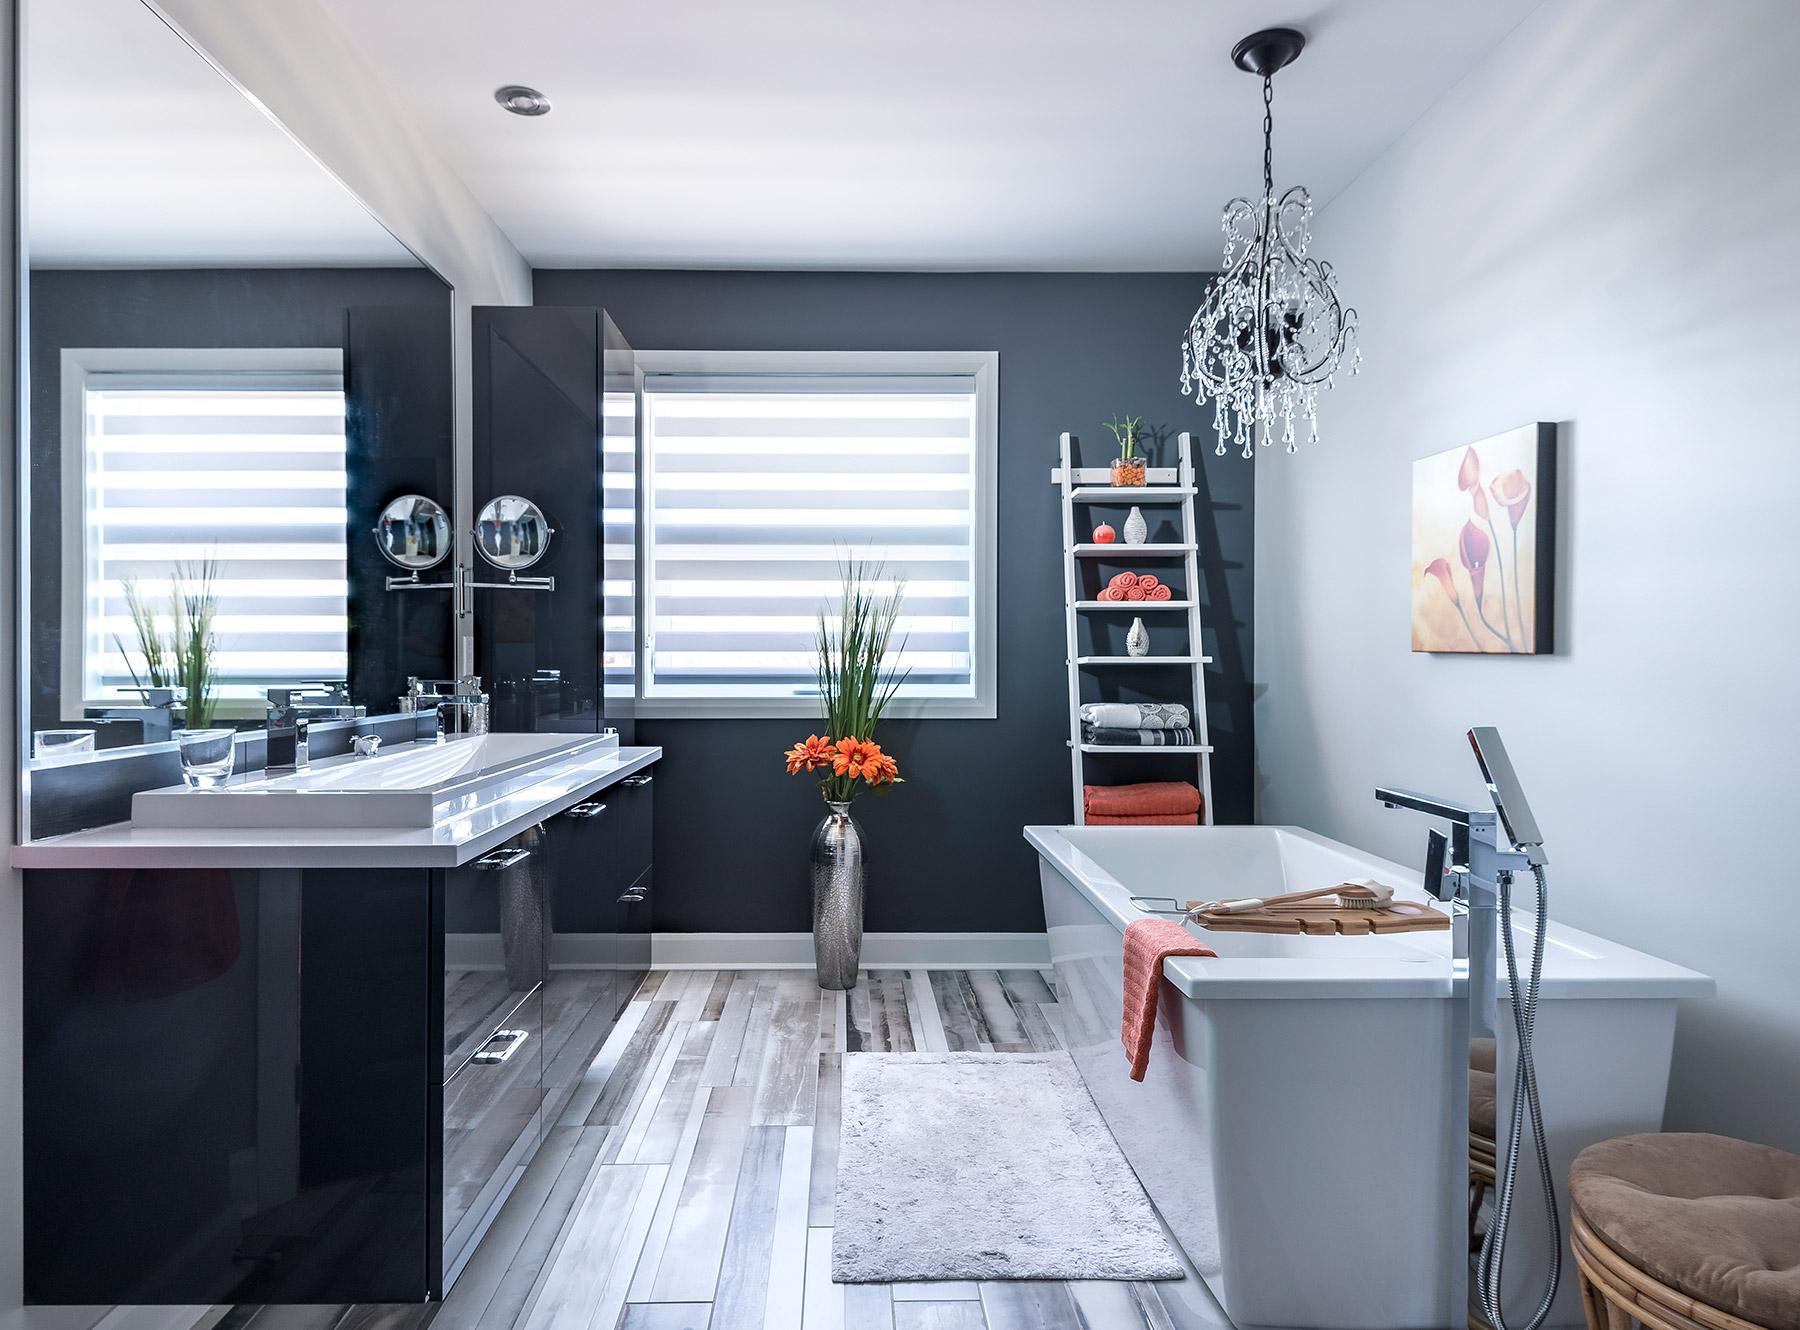 projet salle de bains brillance et l g ret armodec. Black Bedroom Furniture Sets. Home Design Ideas